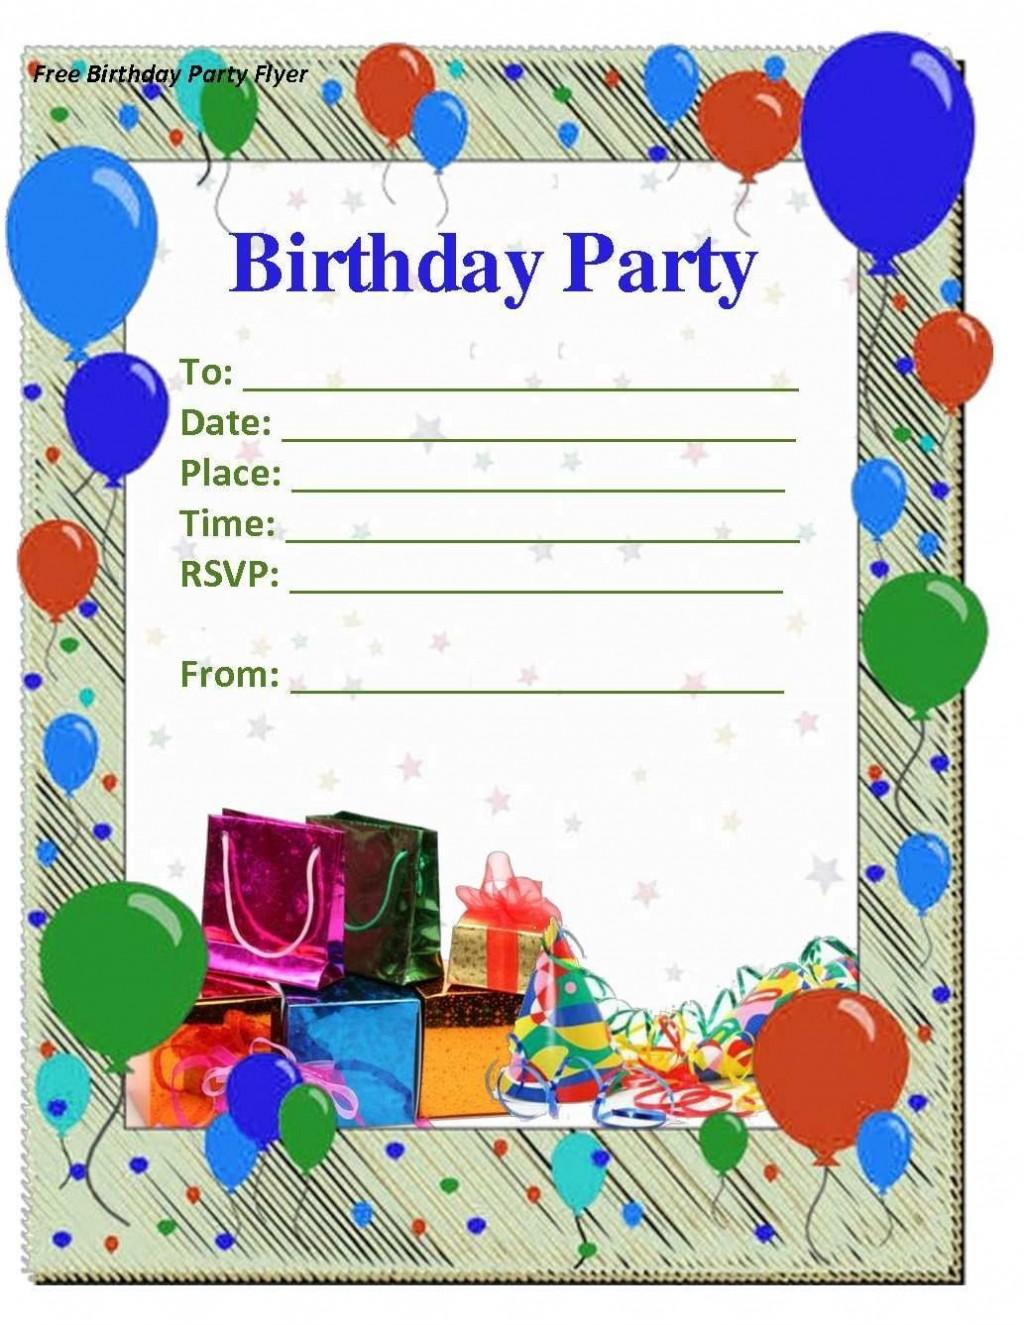 002 Unusual Blank Birthday Card Template Example  Word Free Printable Greeting DownloadLarge